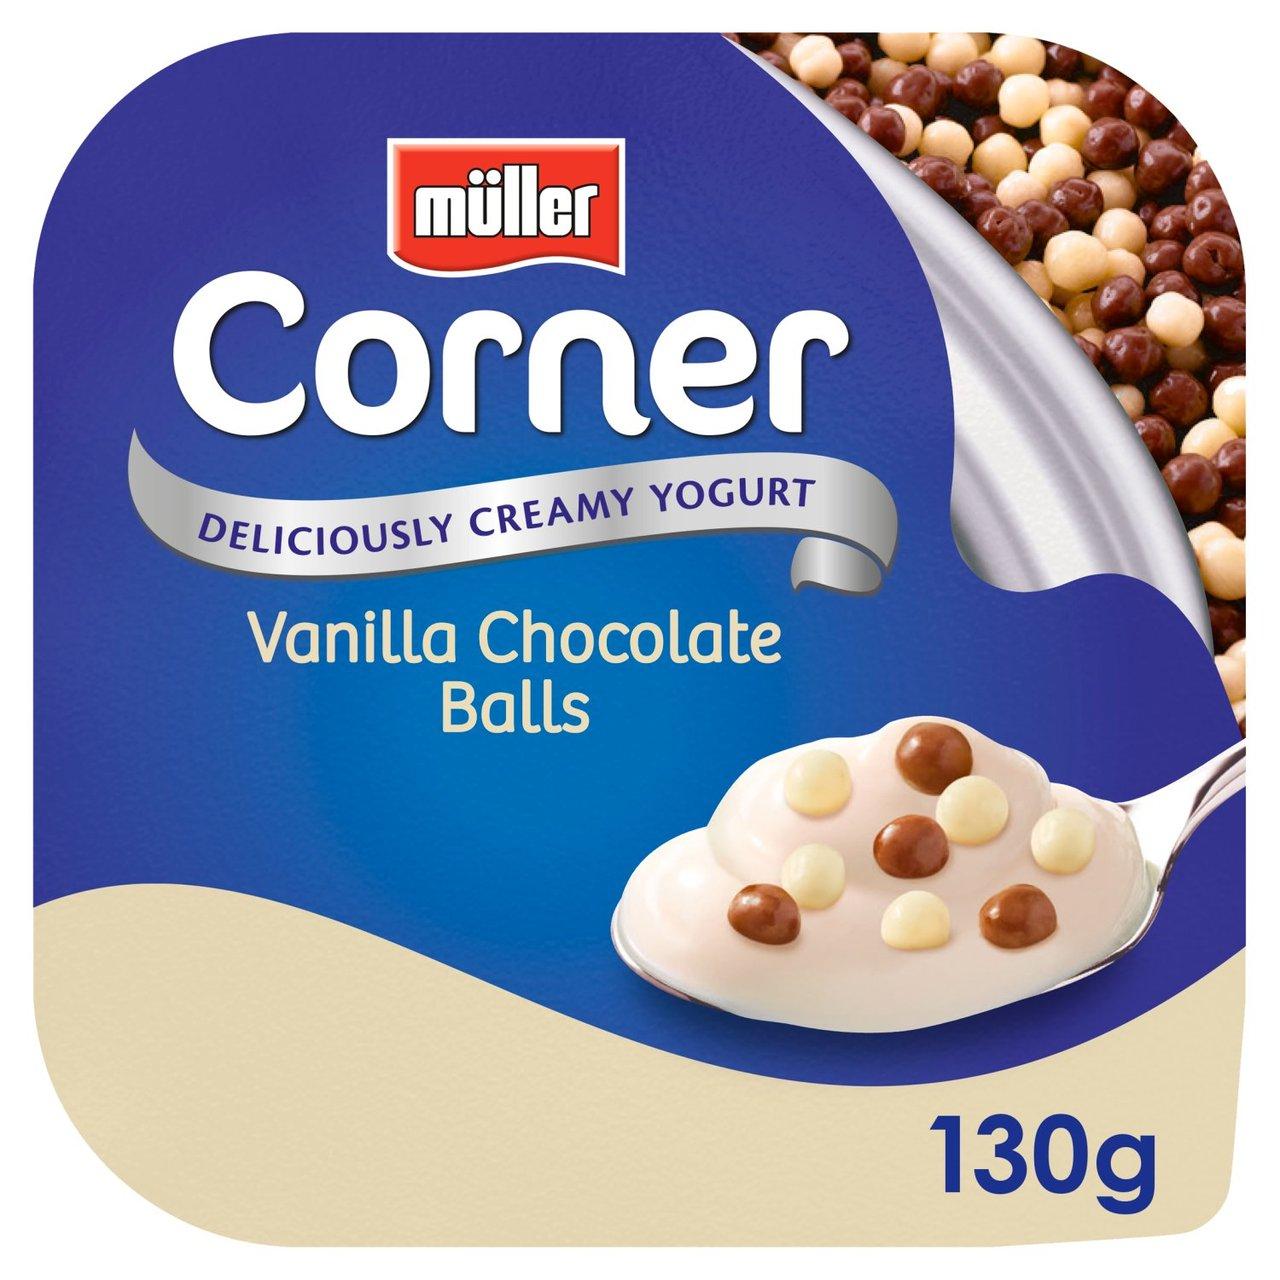 Muller Corner, Light or Rice (Various) - Any 10 for £3 @ Morrisons